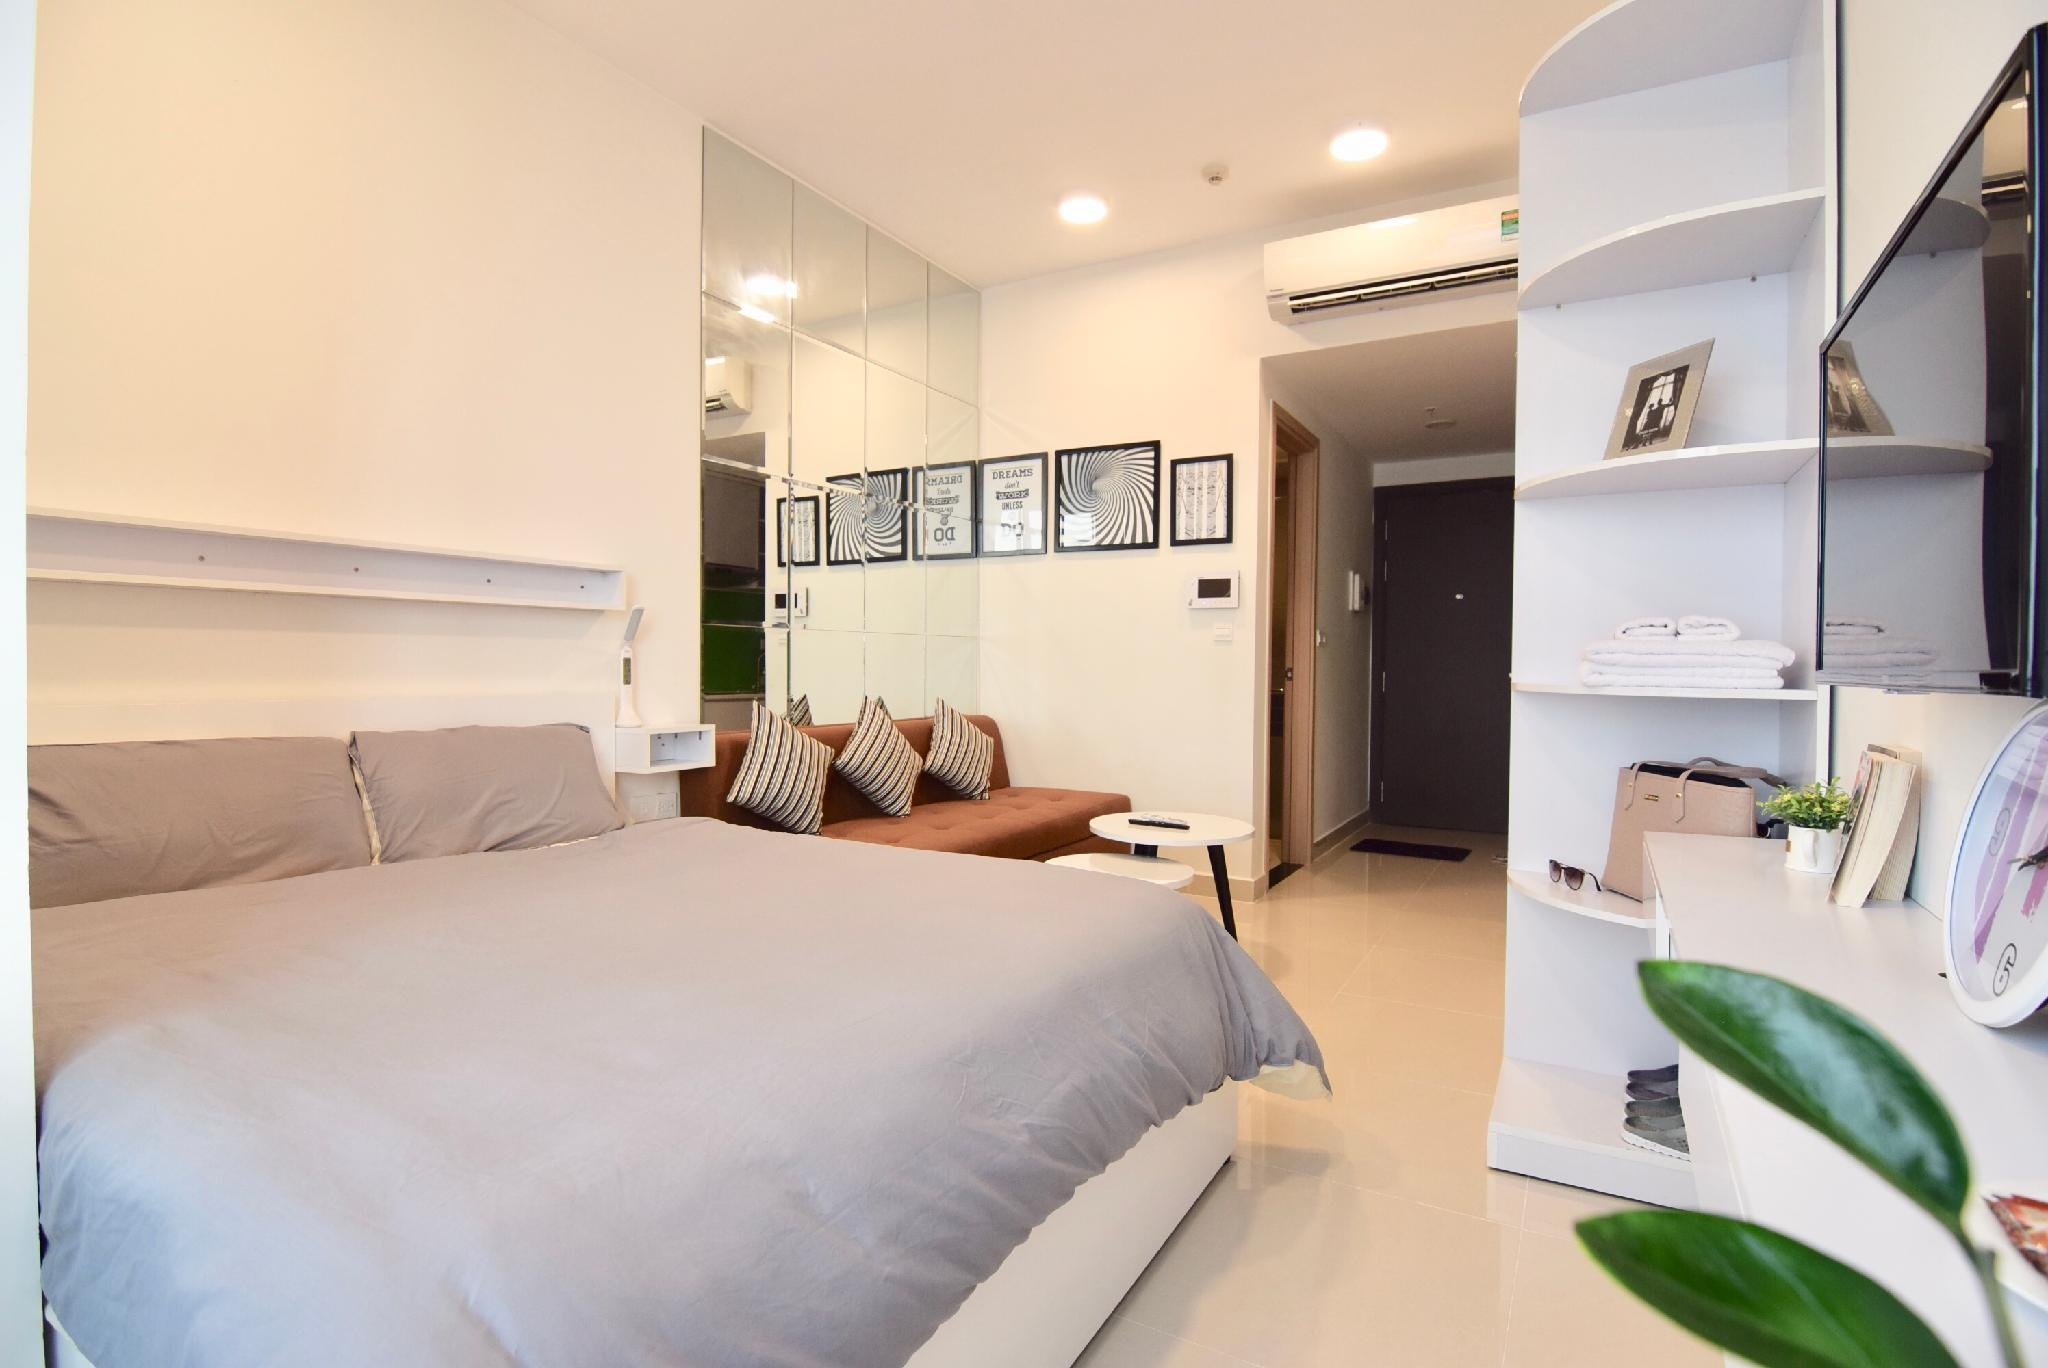 Chau Apartments Free Gym Pool Netflix  Ho Chi Minh